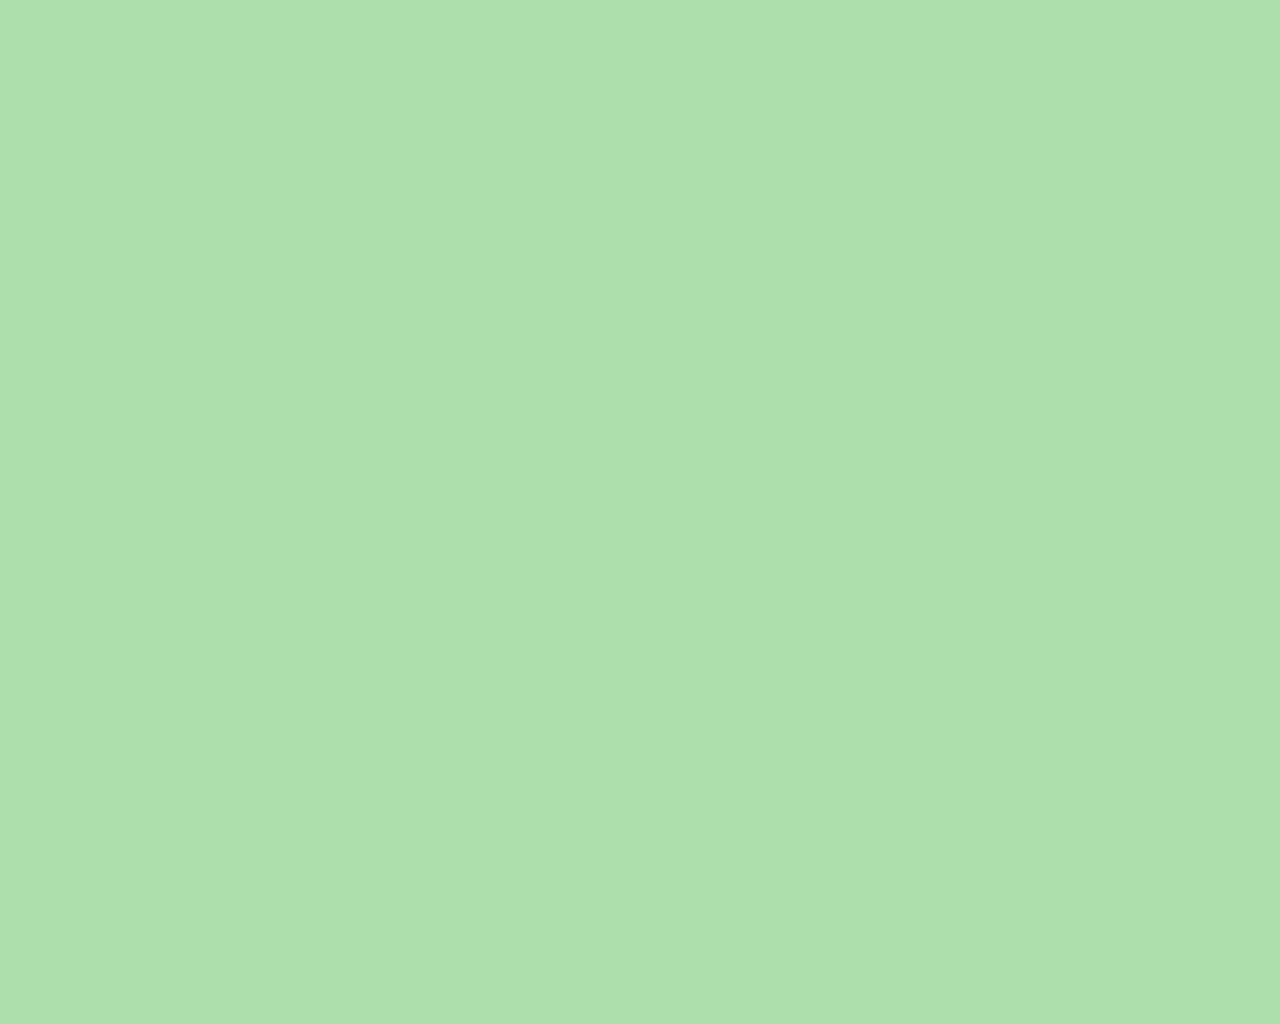 Solid Light Green Background 1280x1024 light moss green 1280x1024